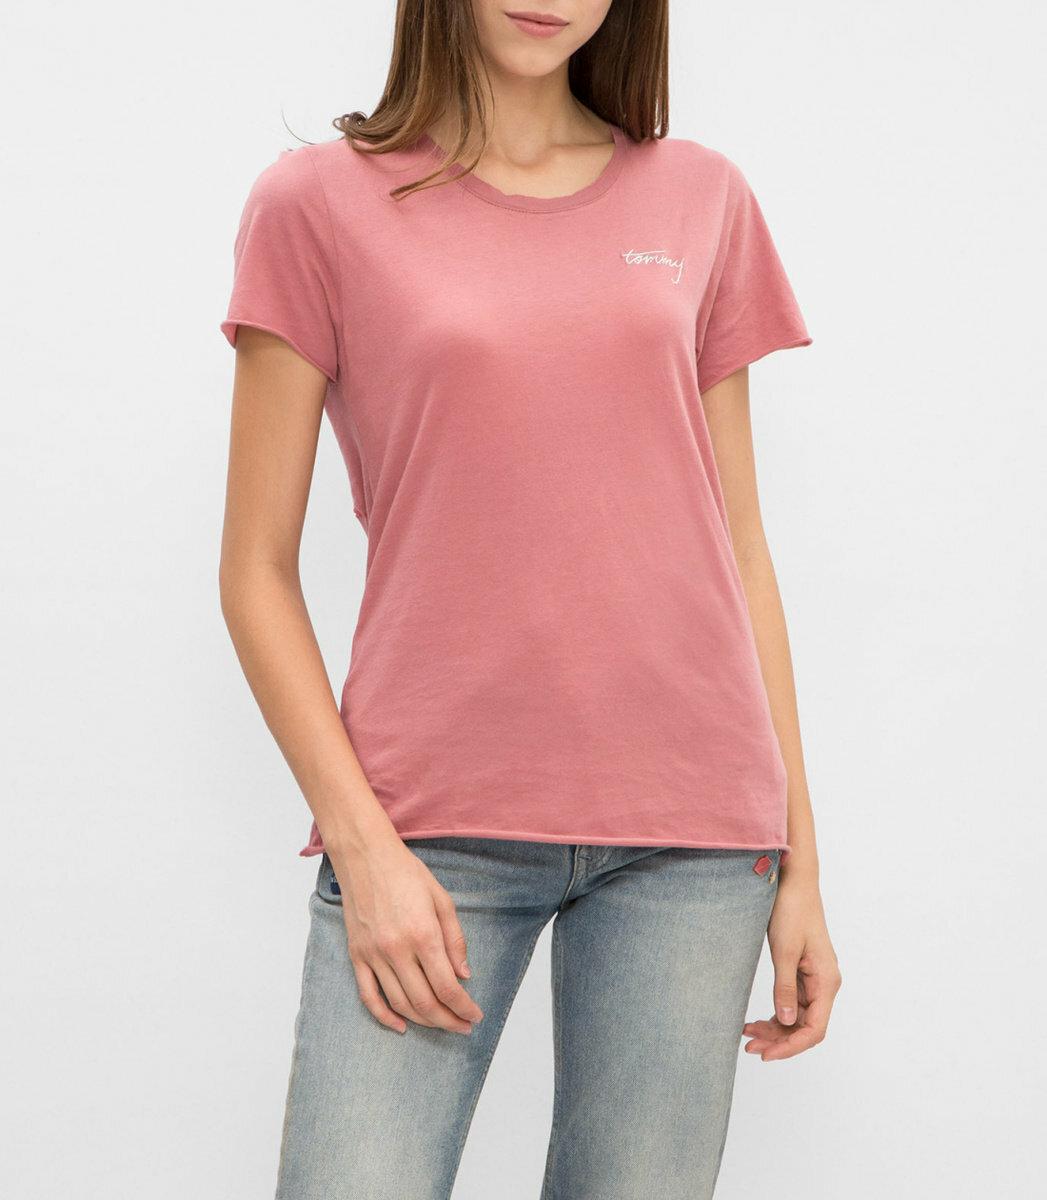 Tommy Hilfiger dámské růžové tričko - Mode.cz 698c87975de